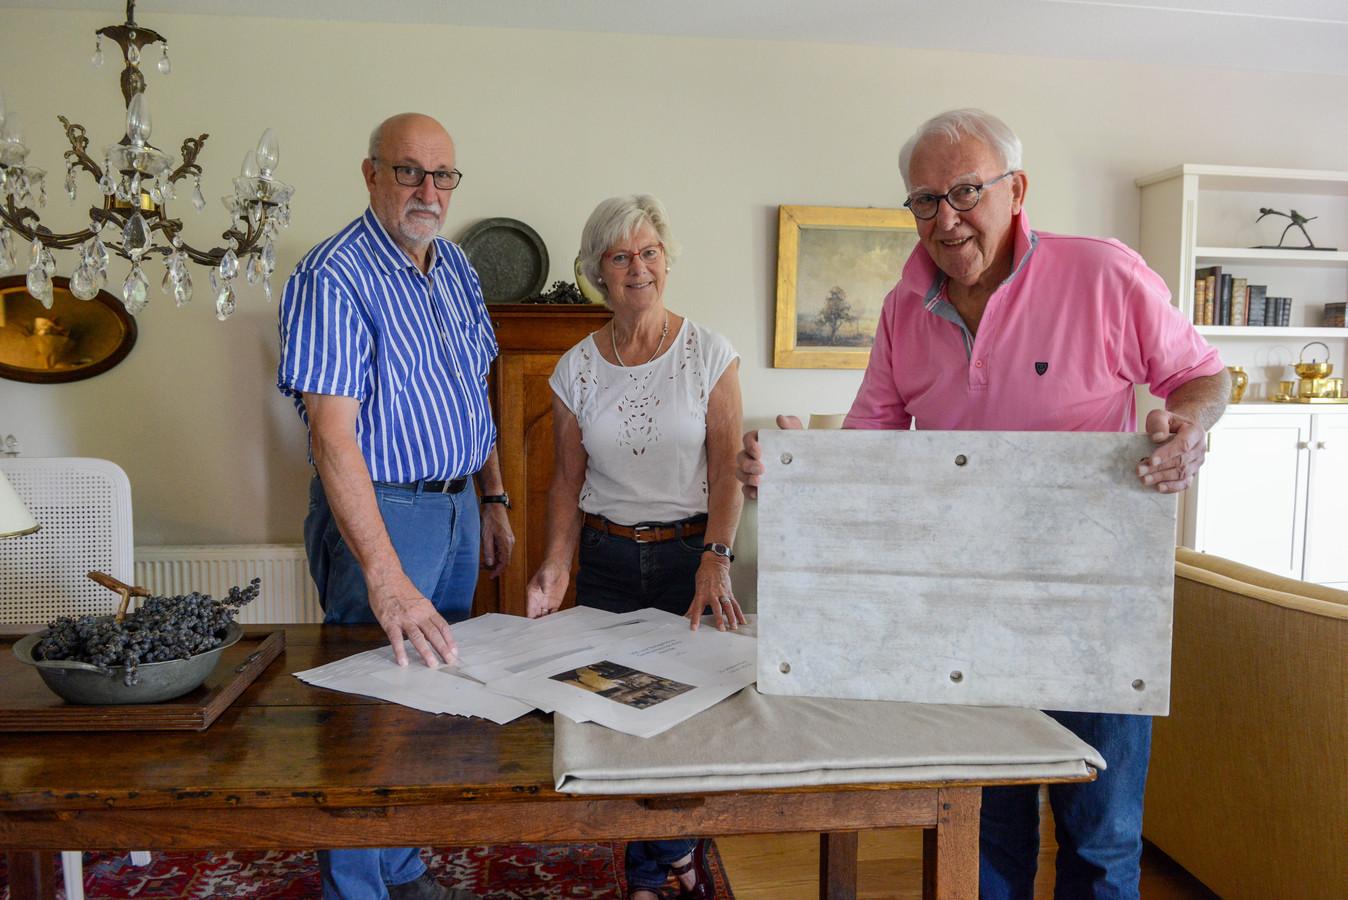 (archieffoto) Peter Bakker (rechts) heeft boek geschreven over de 100 jarige geschiedenis van de Ontmoetingskerk in Heerde.